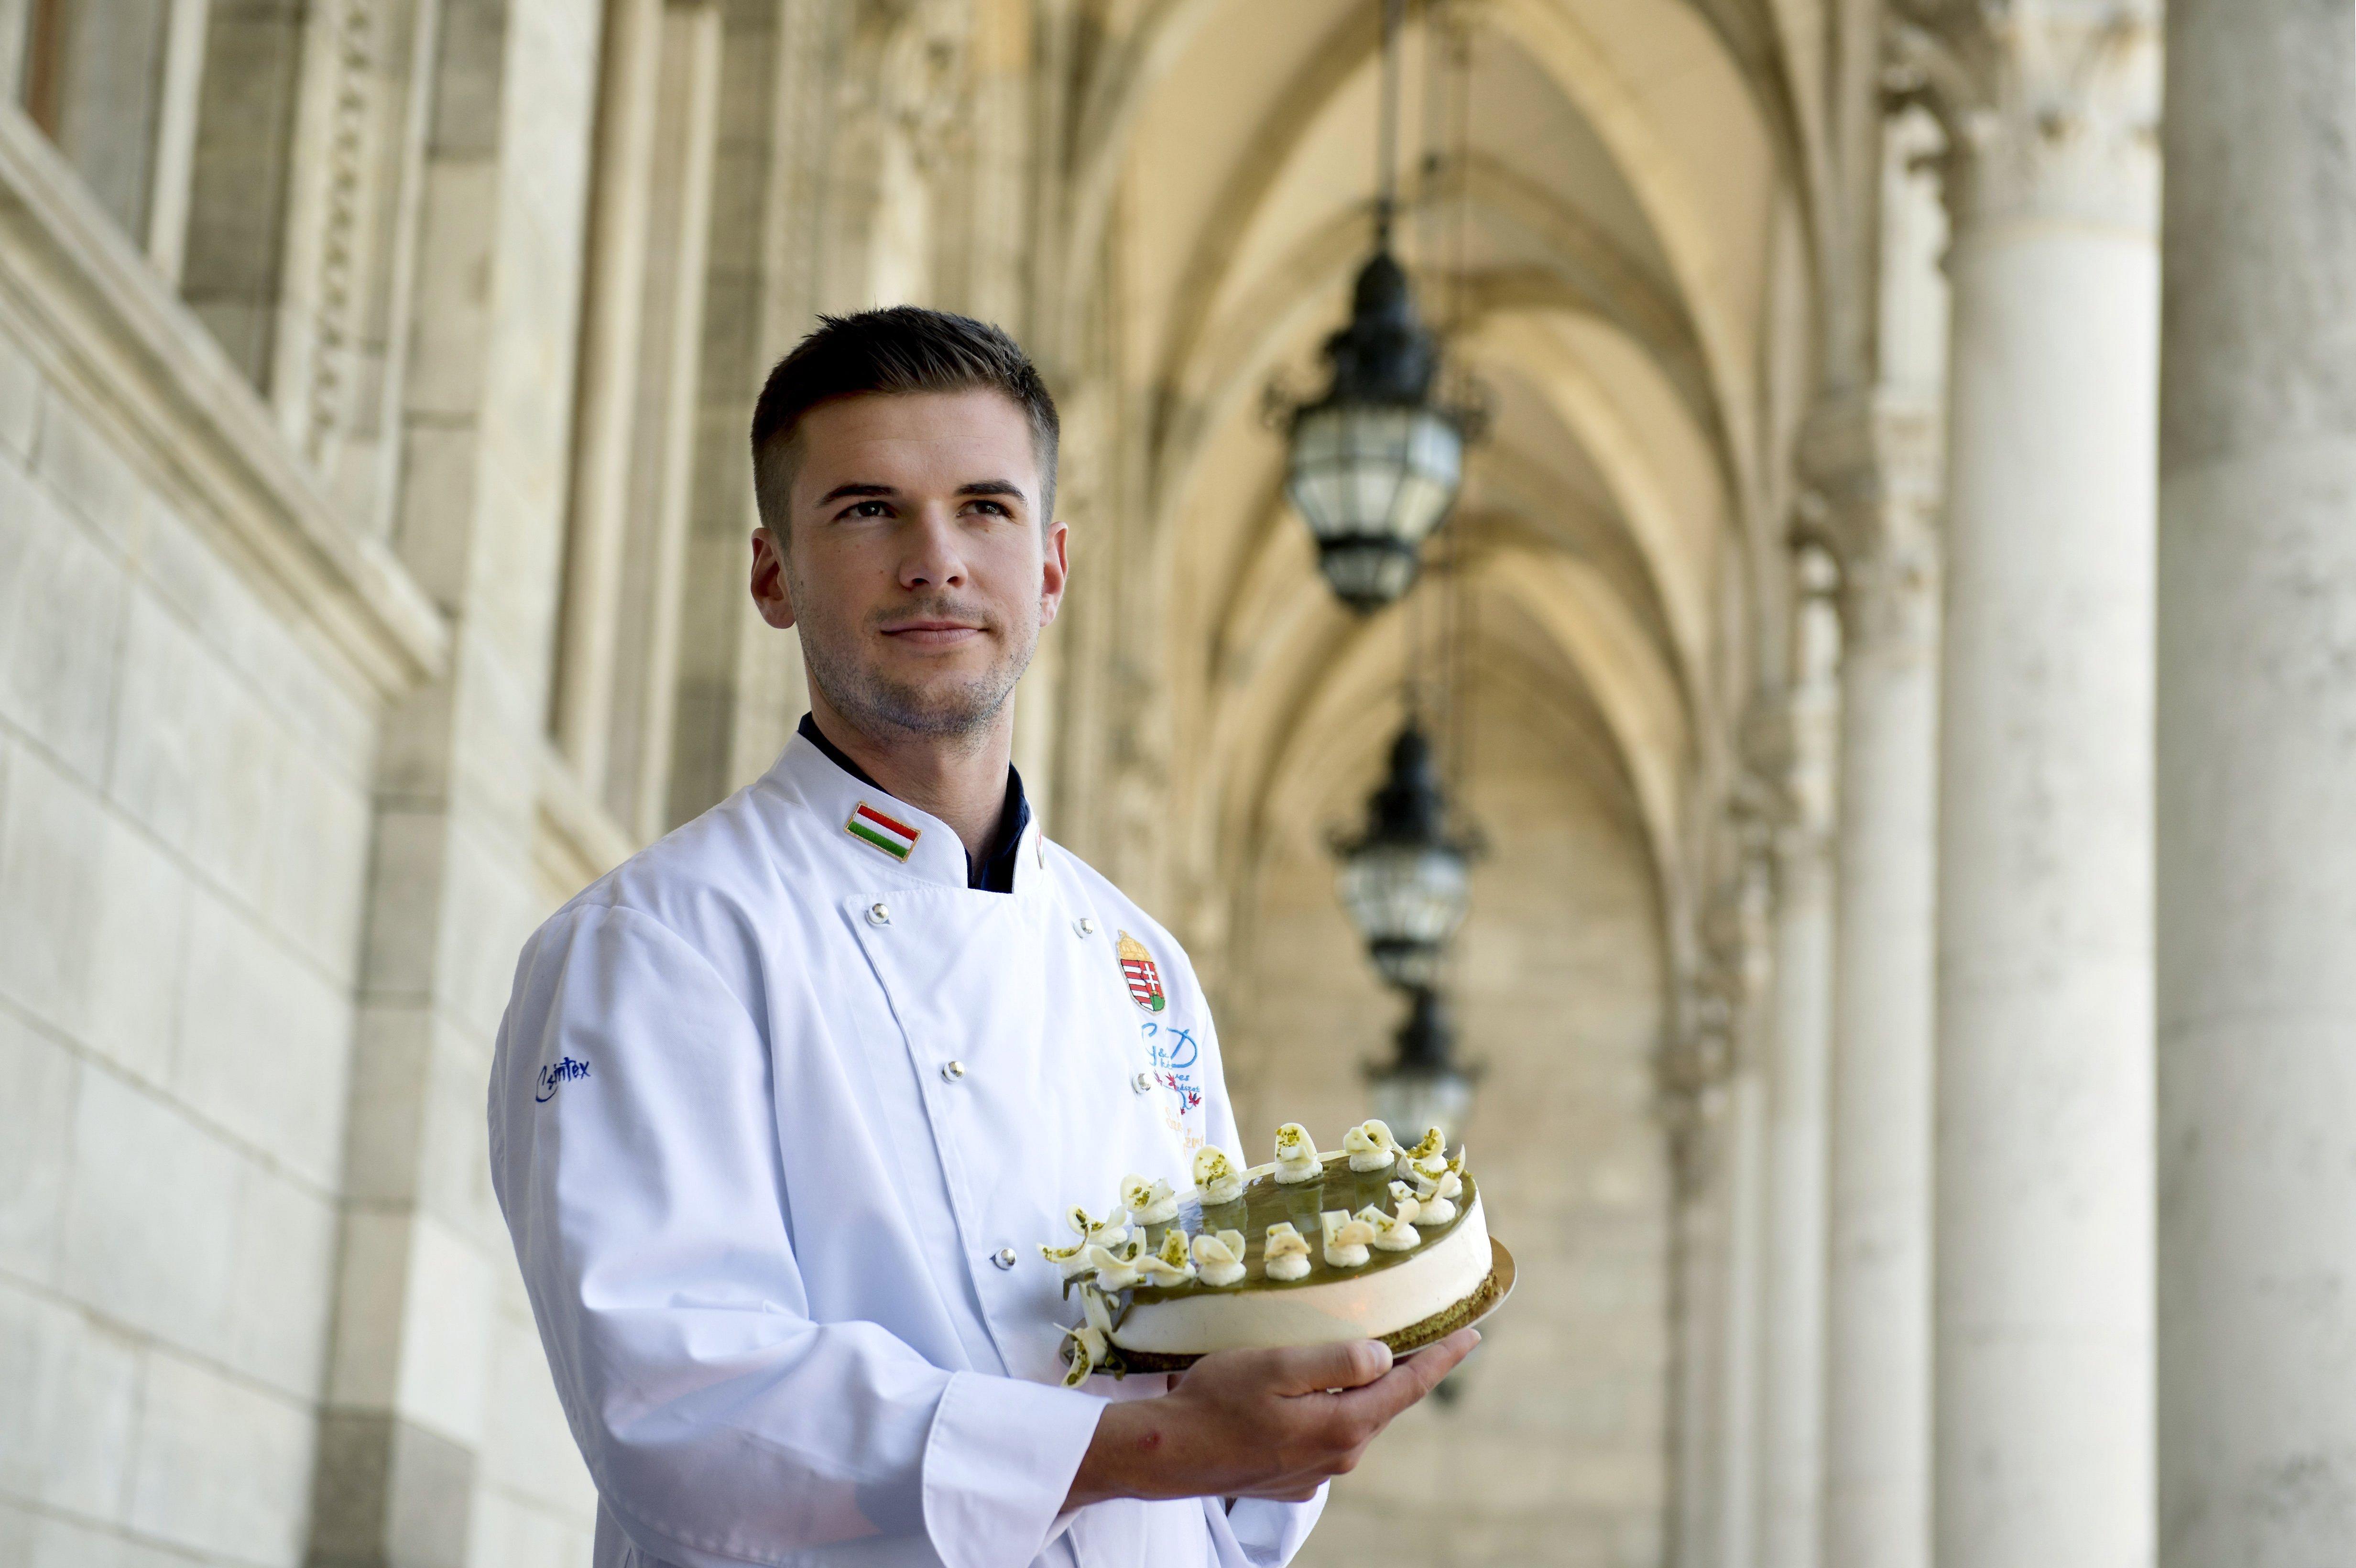 Szó Gellért cukrászmester mutatja alkotását, Magyarország tortáját, az Őrség Zöld Aranyát az Országház Vadásztermének erkélyén. Fotó: MTI